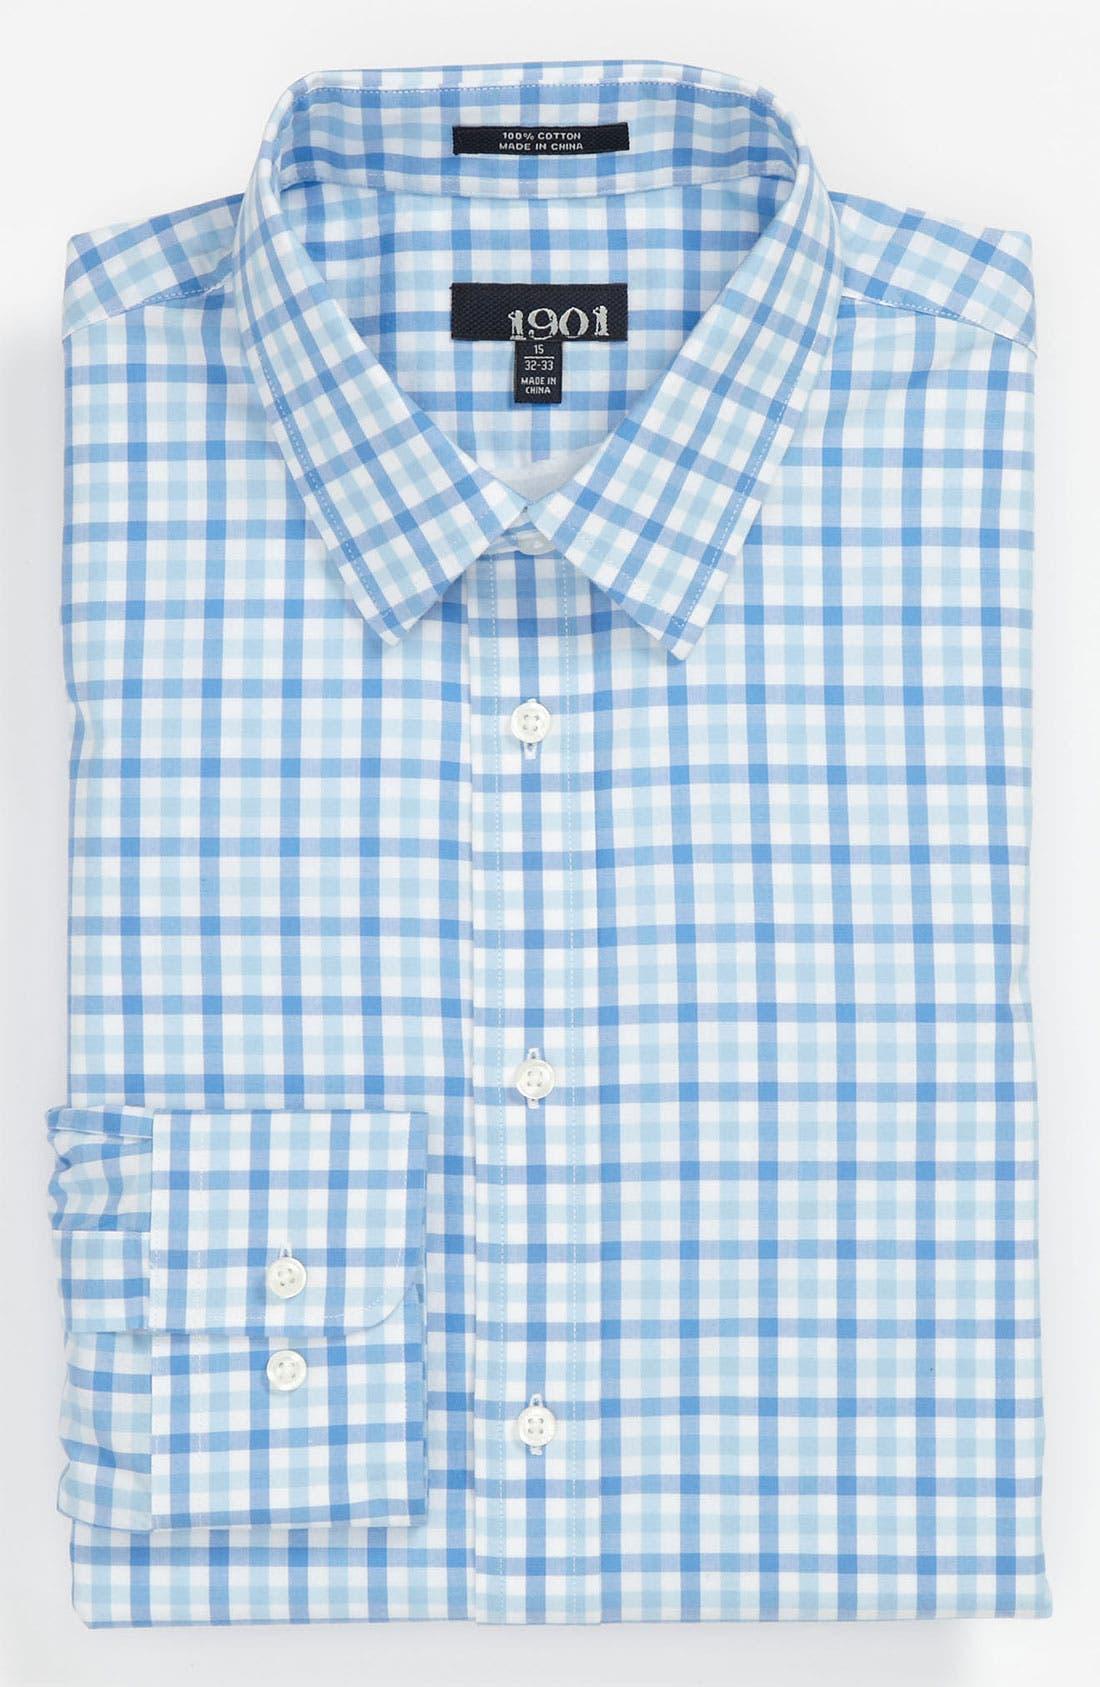 Main Image - 1901 Trim Fit Cotton Dress Shirt